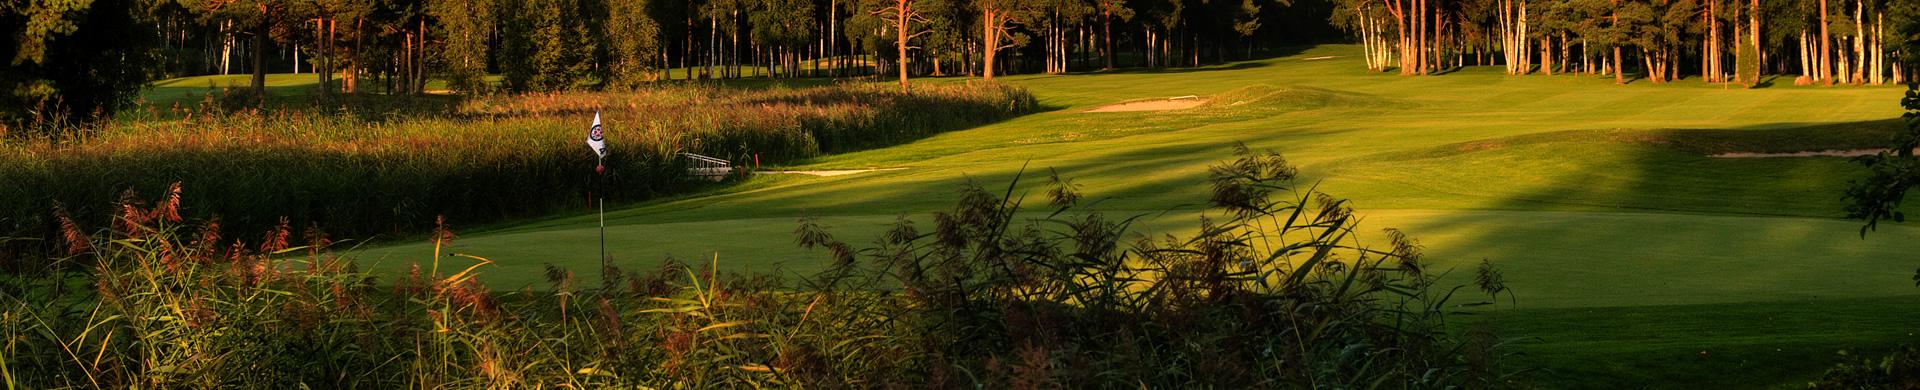 golfikeskus_suur3